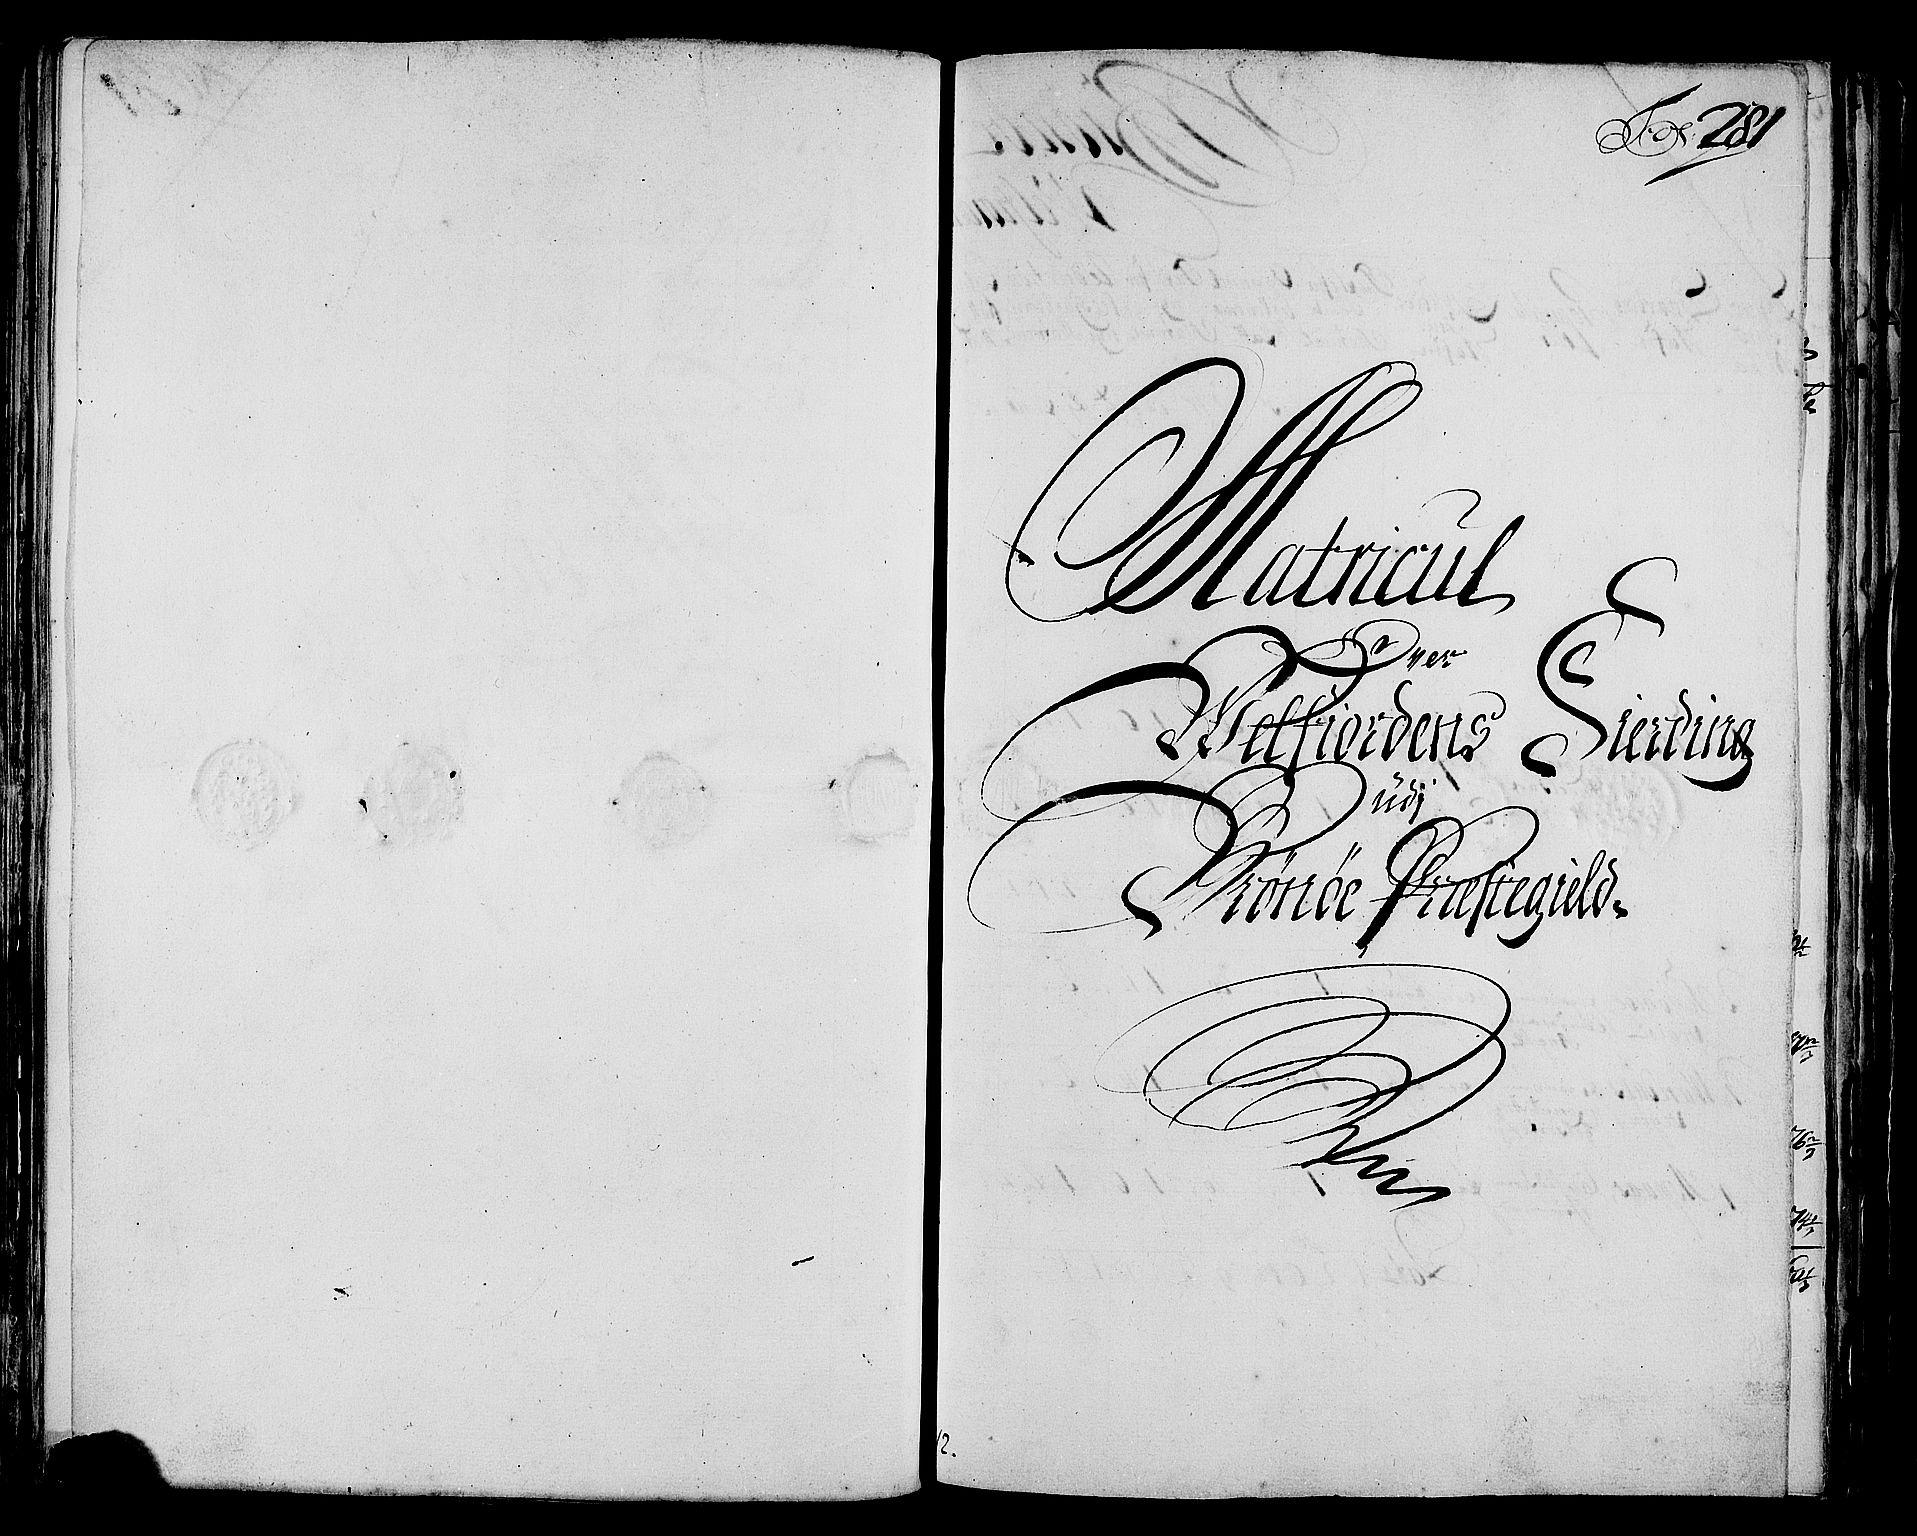 RA, Rentekammeret inntil 1814, Realistisk ordnet avdeling, N/Nb/Nbf/L0171: Helgeland matrikkelprotokoll, 1723, s. 280b-281a